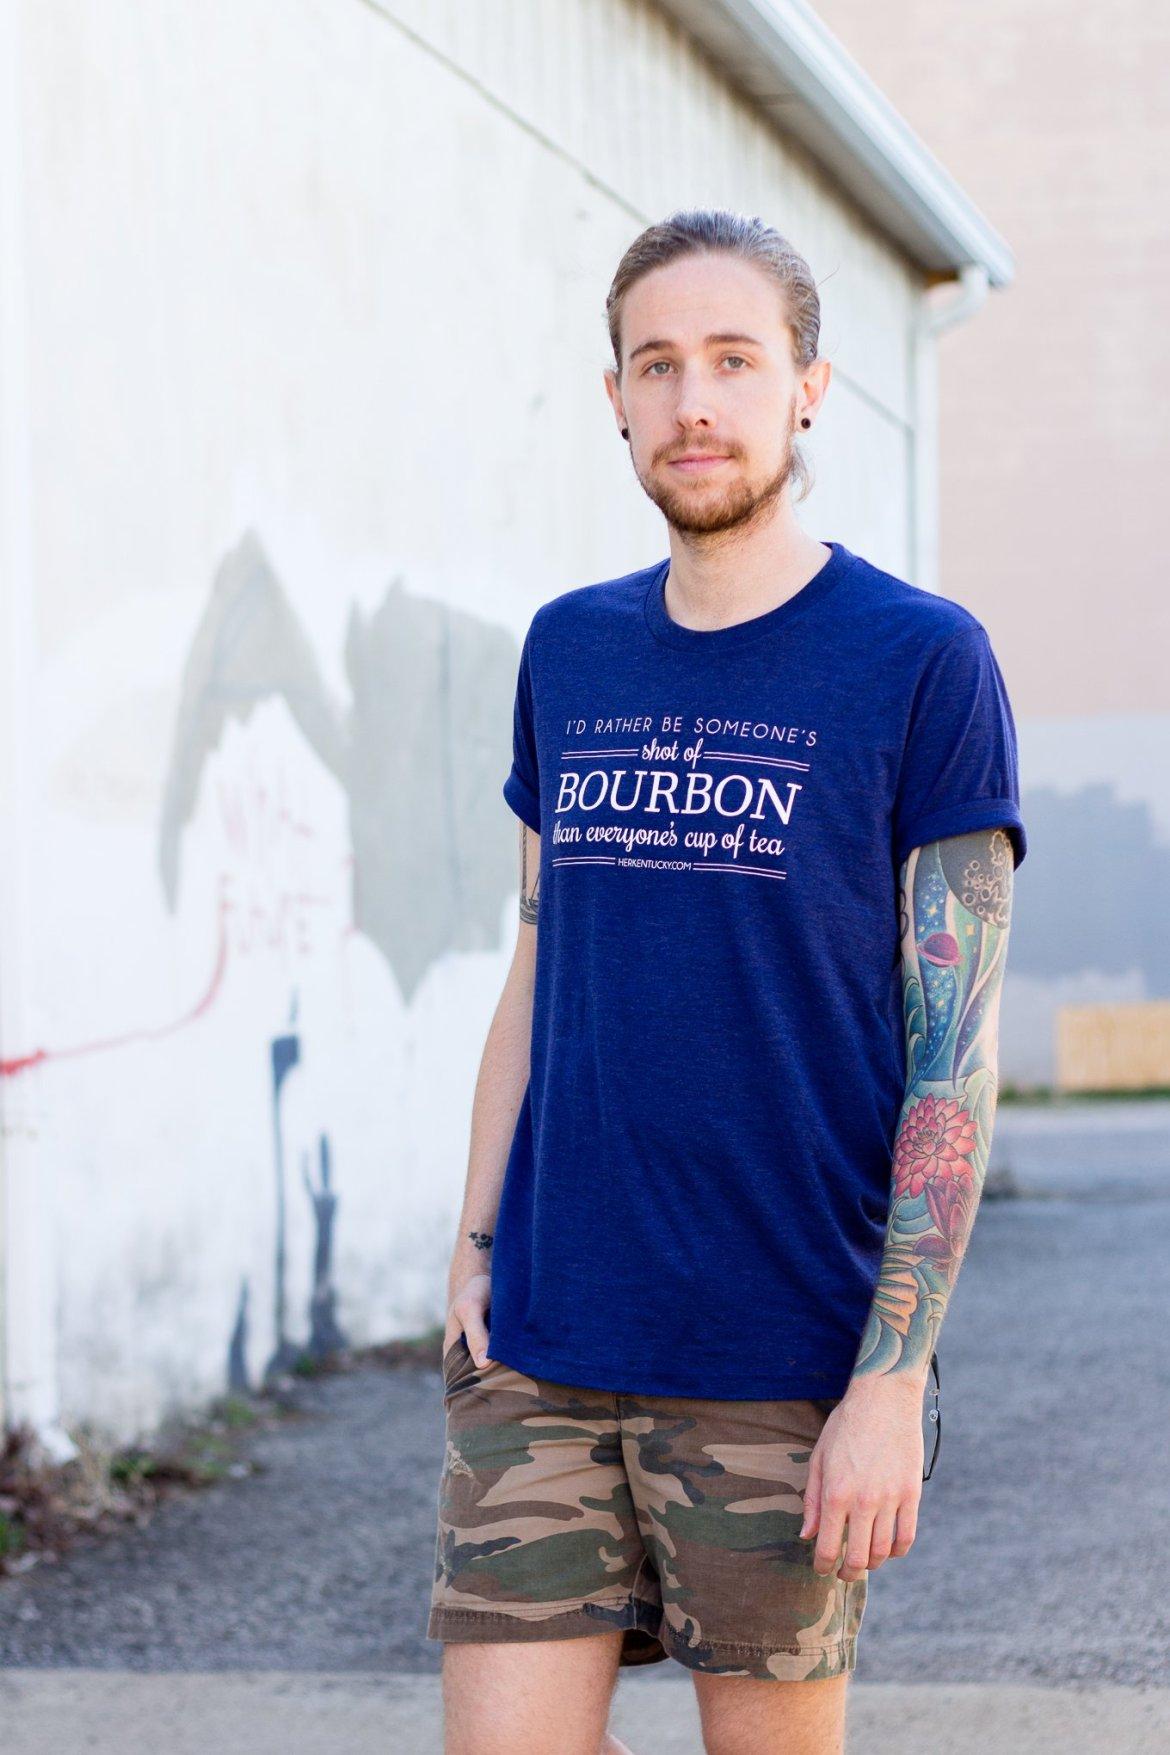 Her Kentucky Shot of Bourbon T-Shirt on The Kentucky Gent